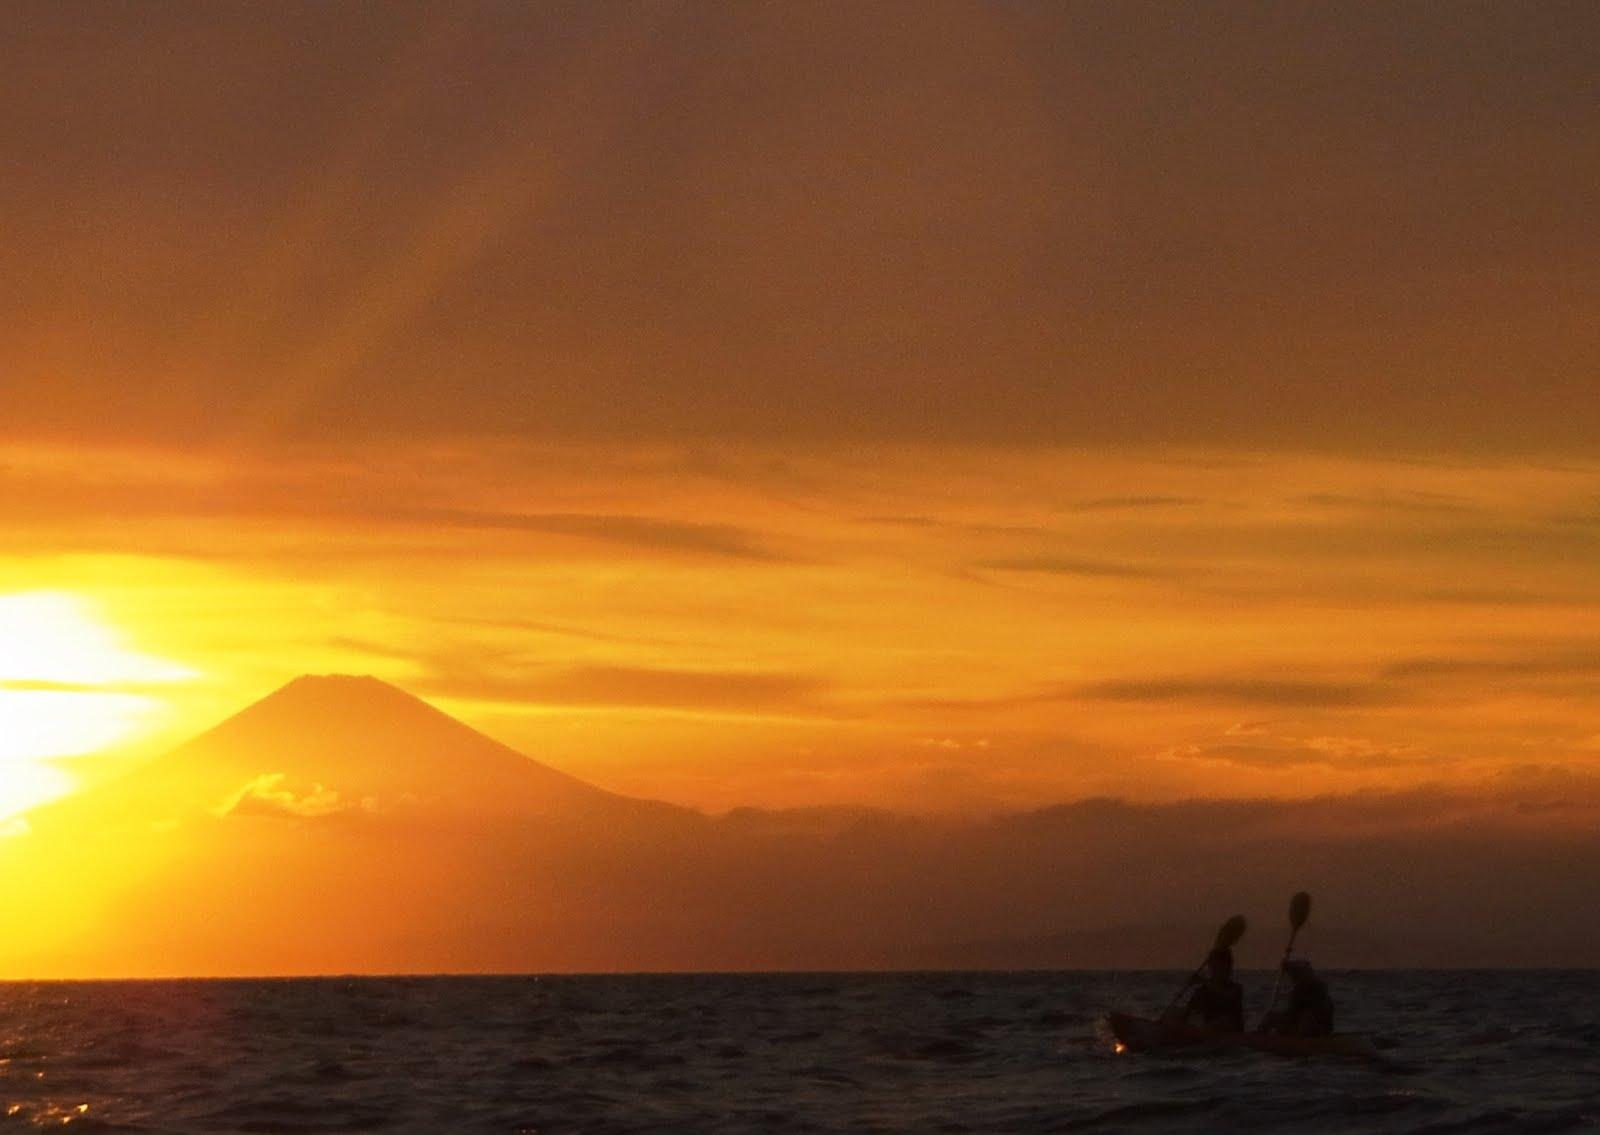 Wataru Narita shares one of his favorite images, taken while kayaking.